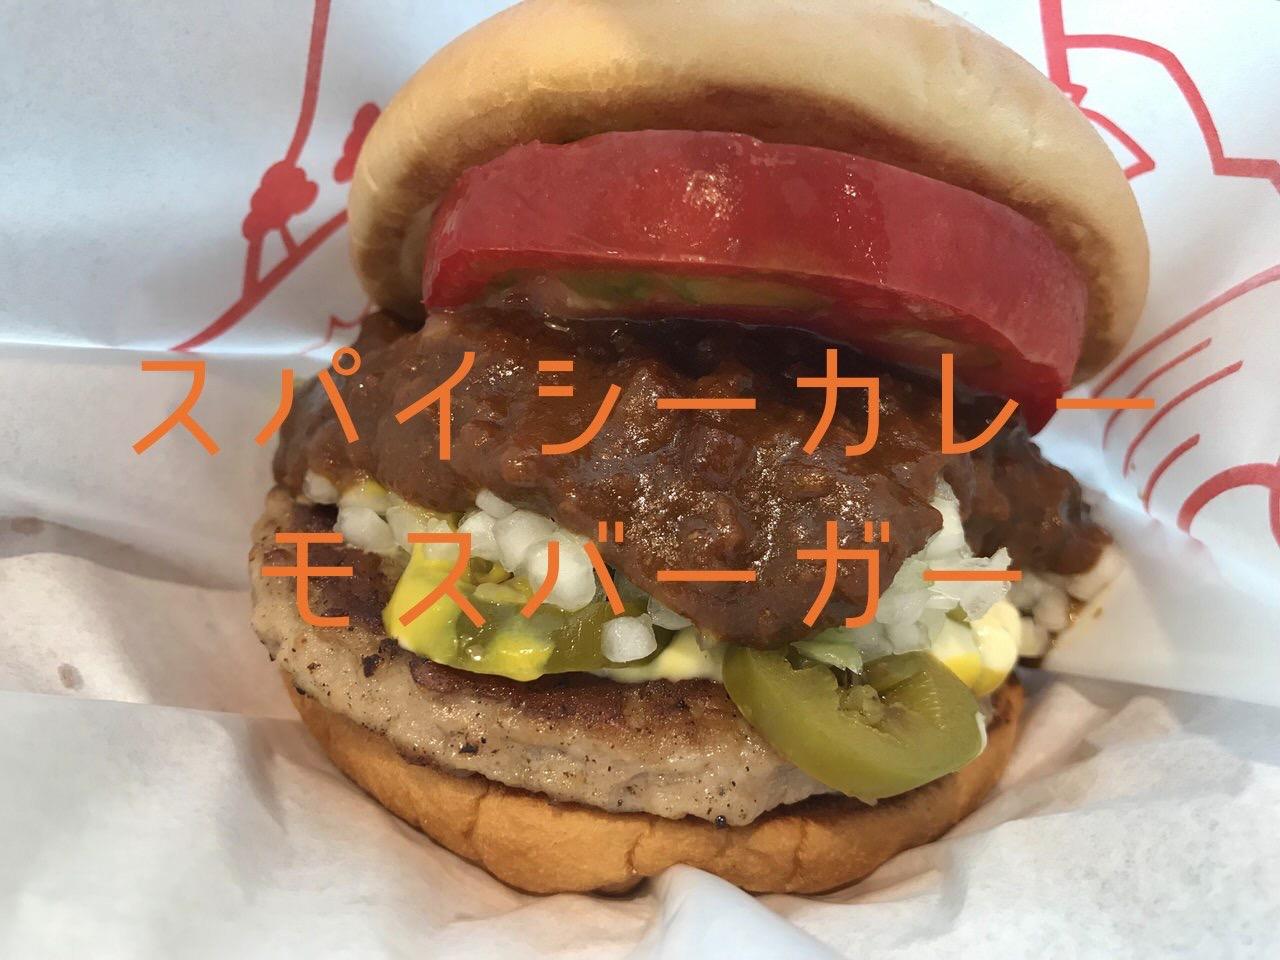 【スパイシーカレーモスバーガー】モスで新しいカレー系ハンバーガー発売されたから食べてみたよ。美味かったから食べてみ。